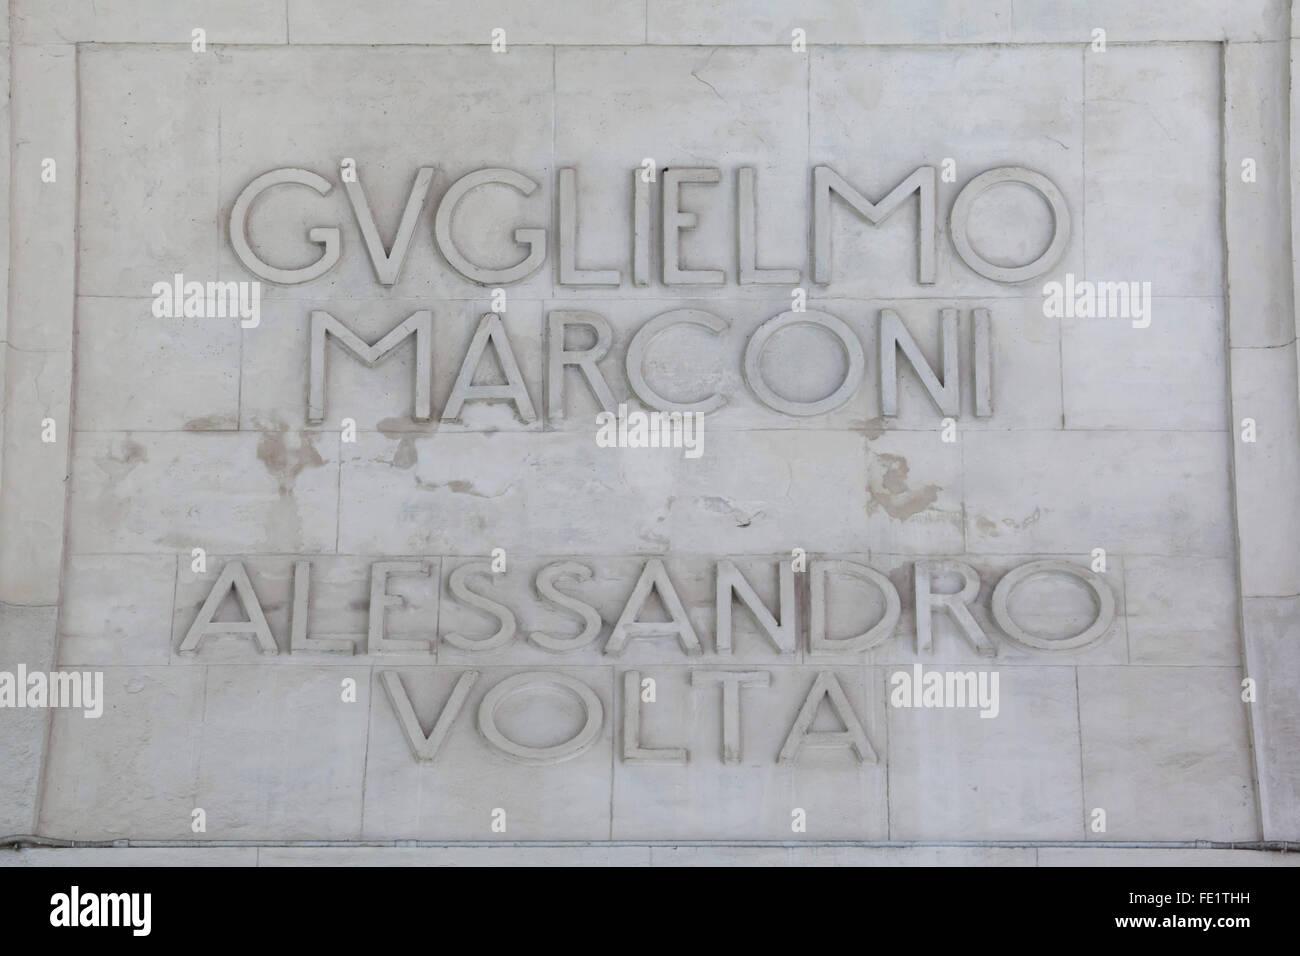 Resultado de imagen para MARCONI ITALY